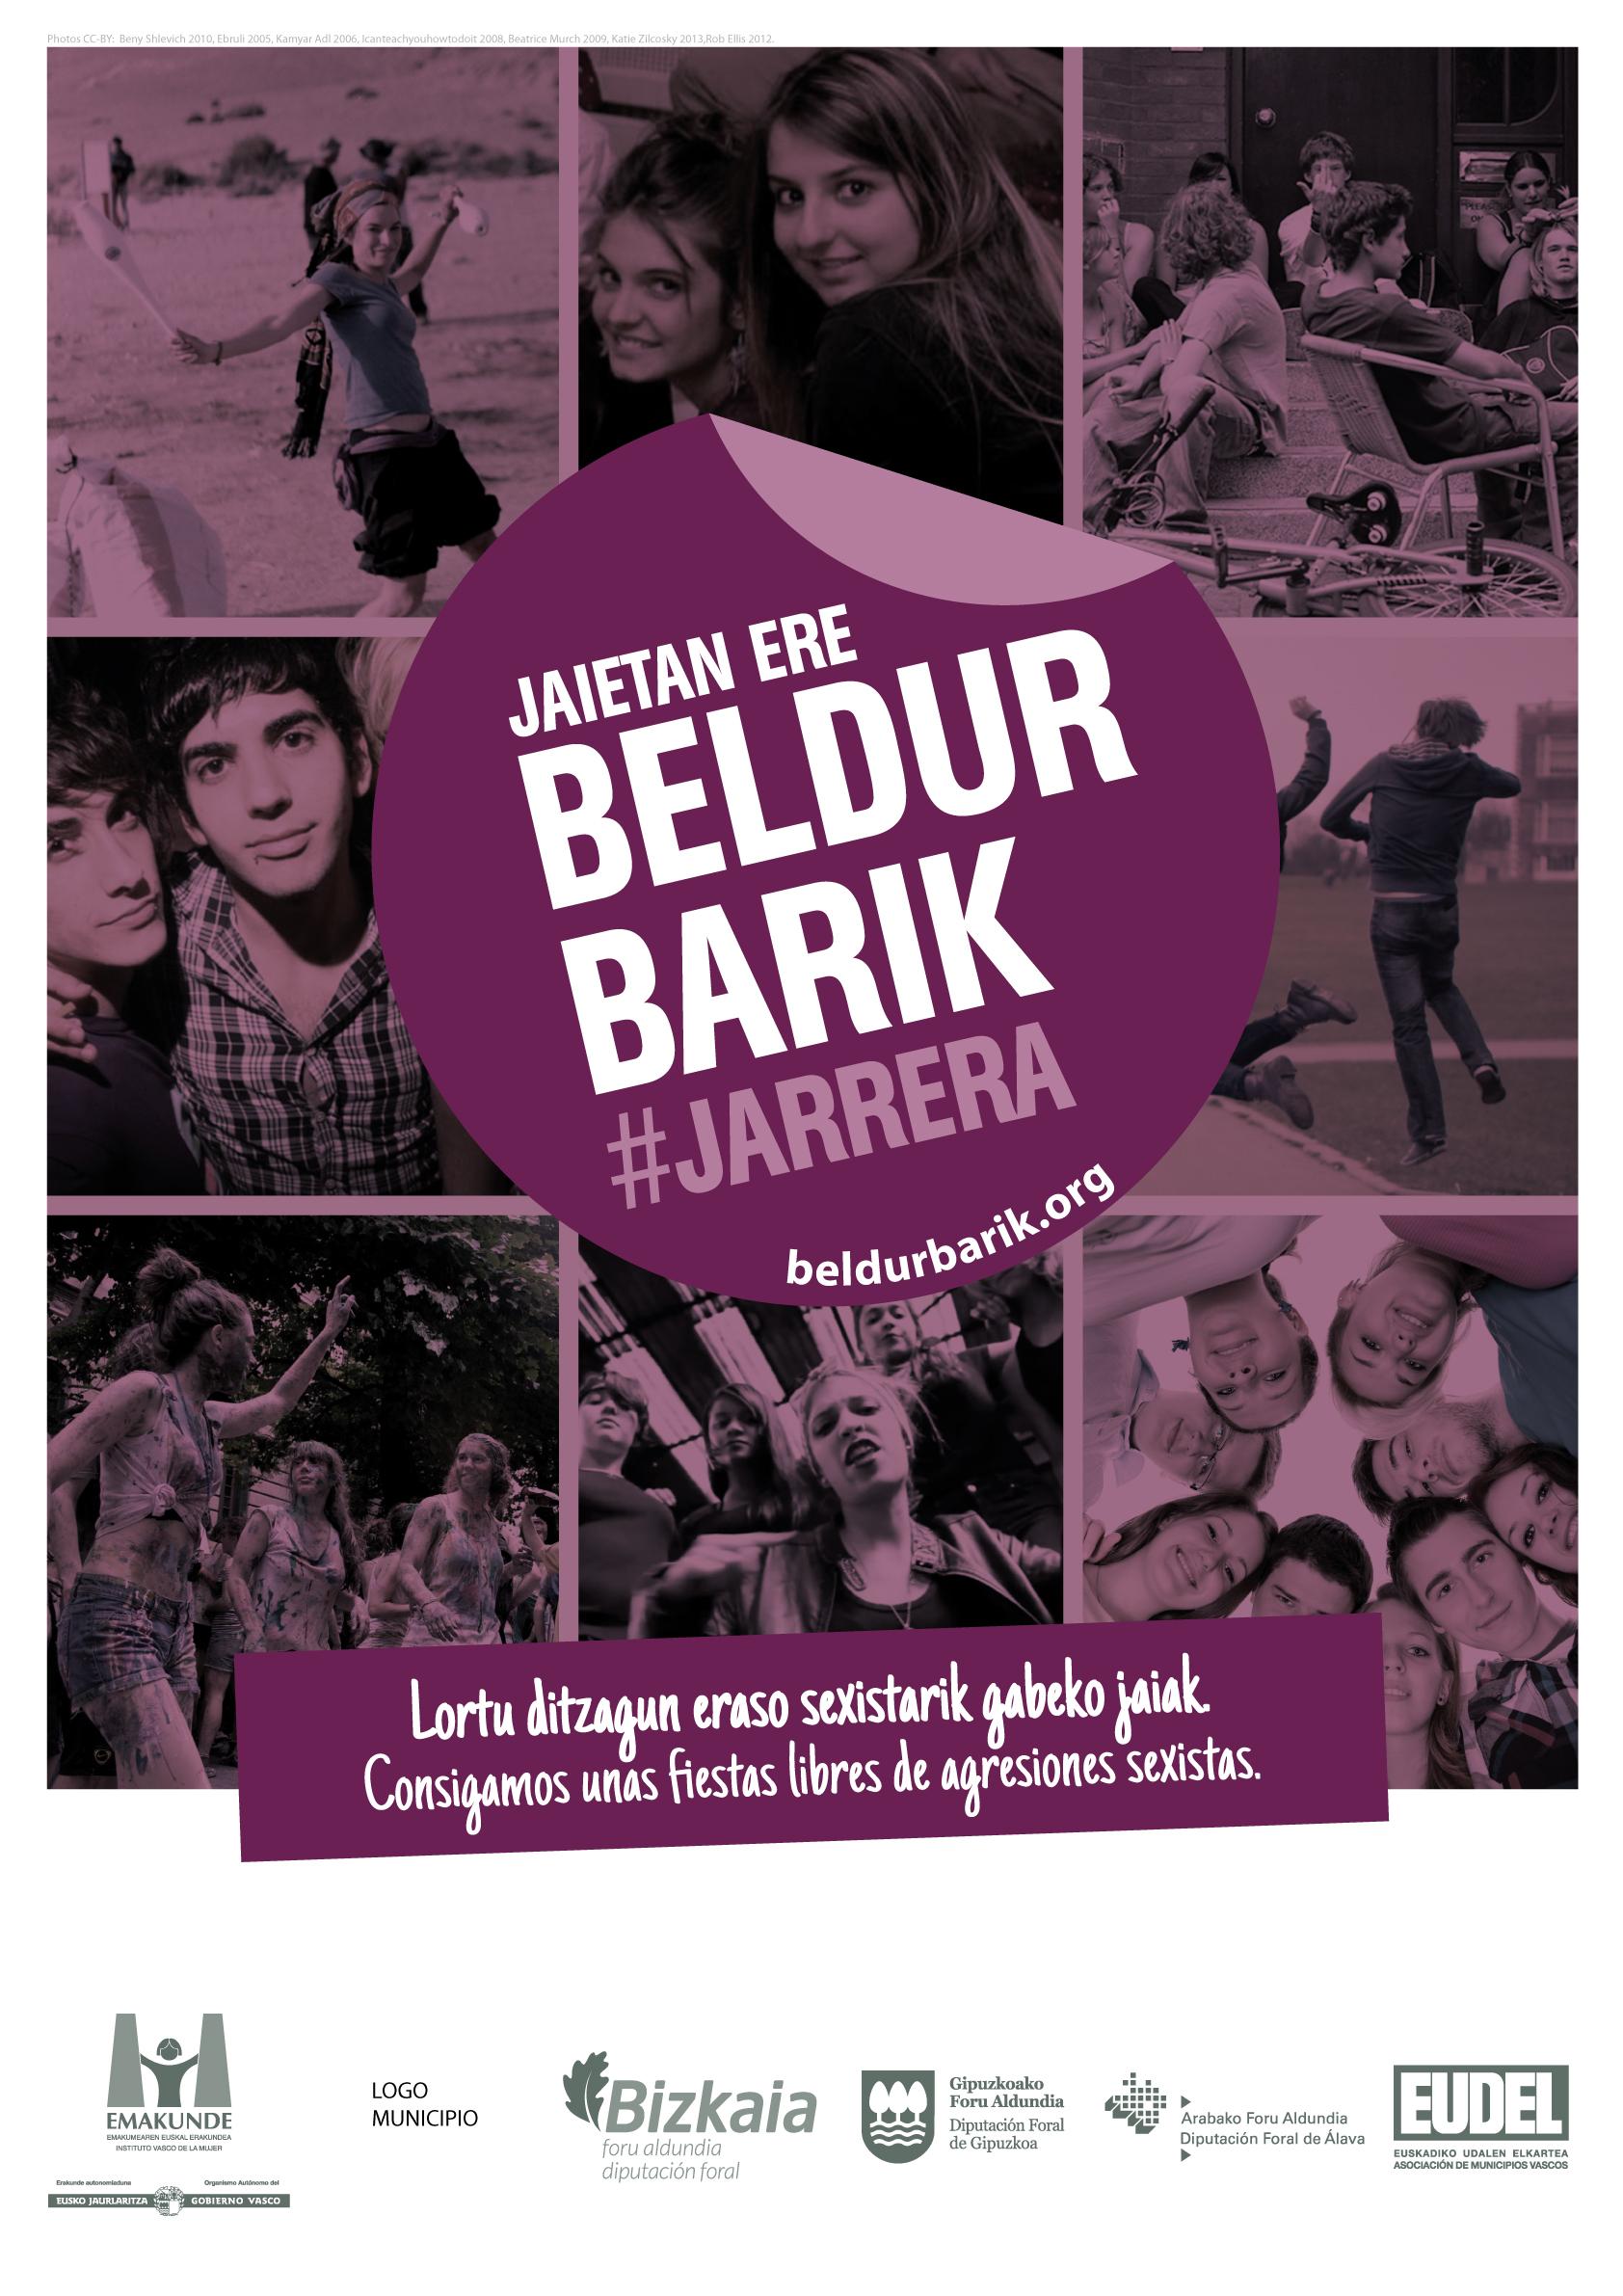 cartel-2017-beldur_barik_jaiak.jpg